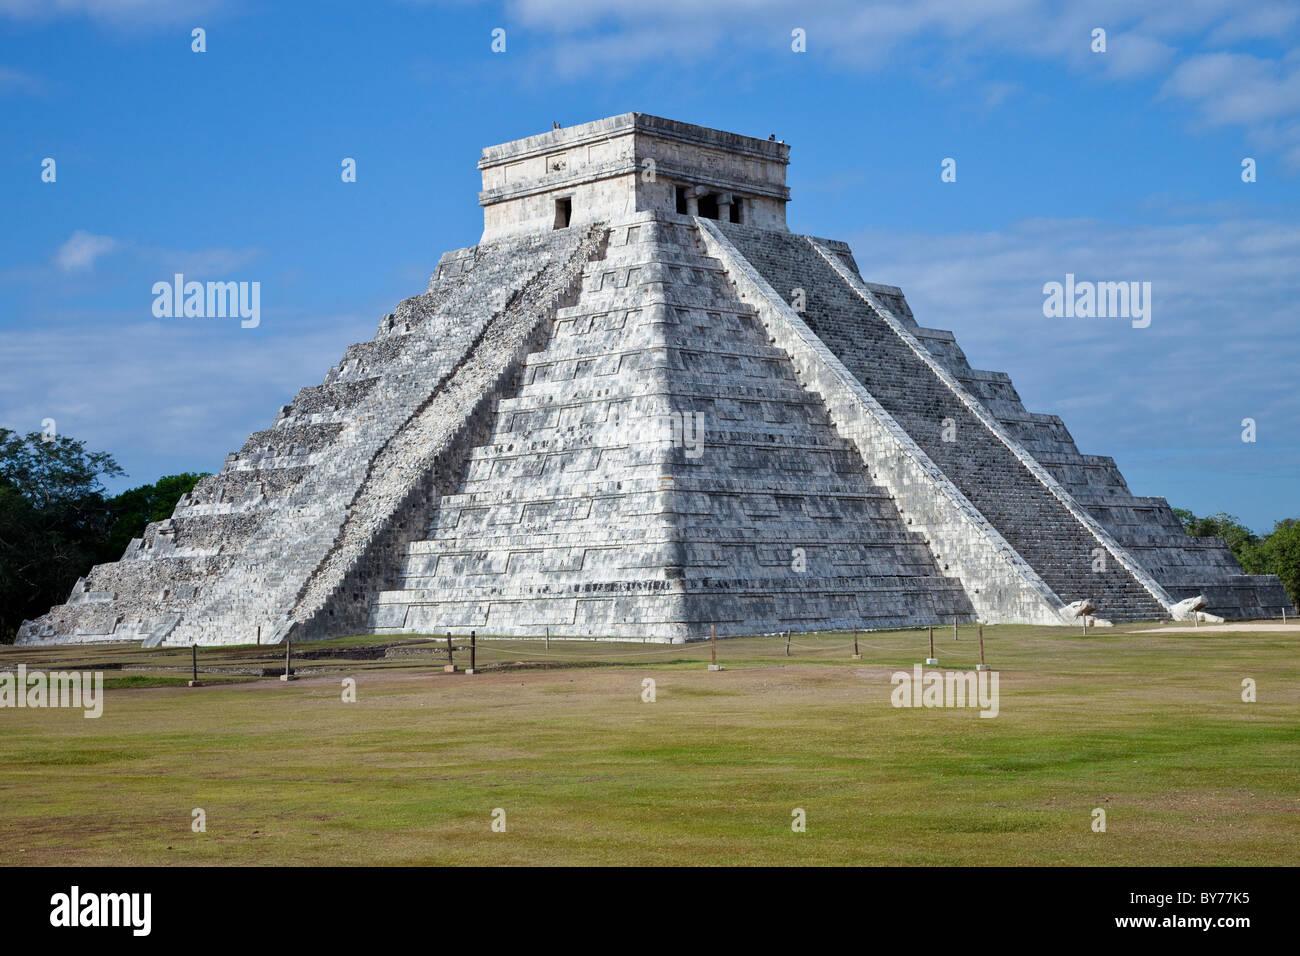 El Castillio, Chichen Itza, Mexico - Stock Image